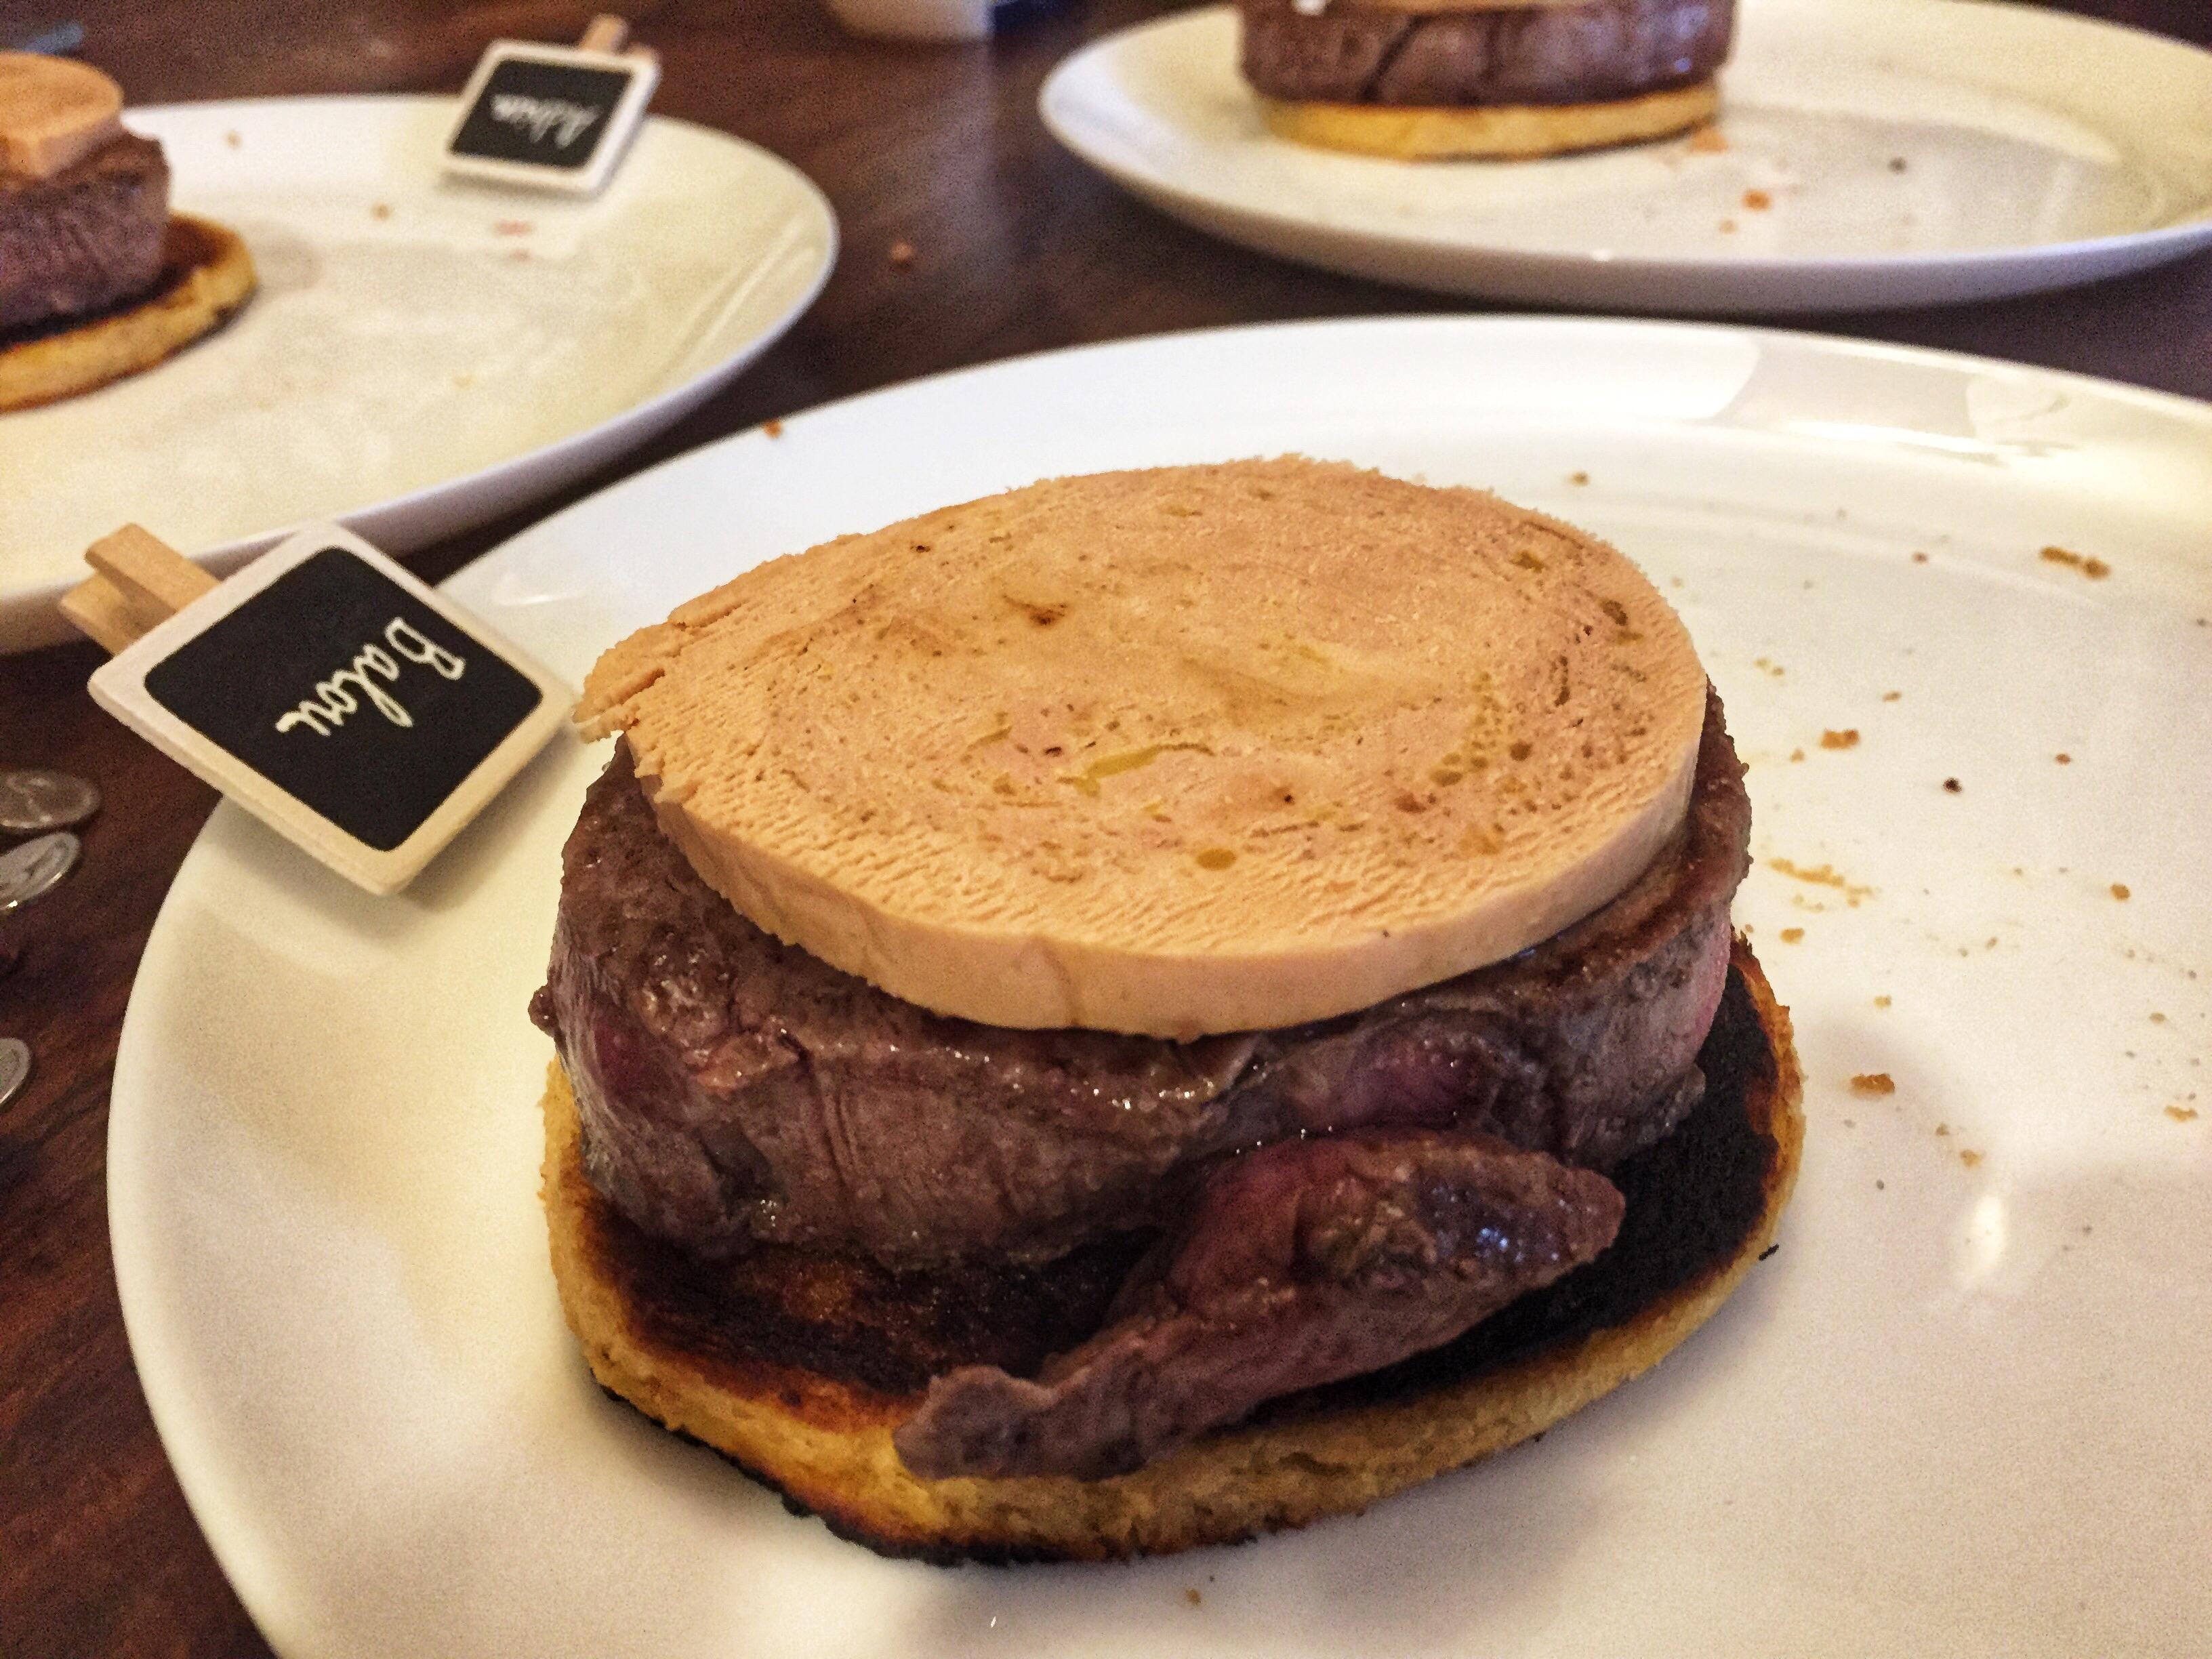 empilement de pain, tournedos et foie gras sur l'assiette